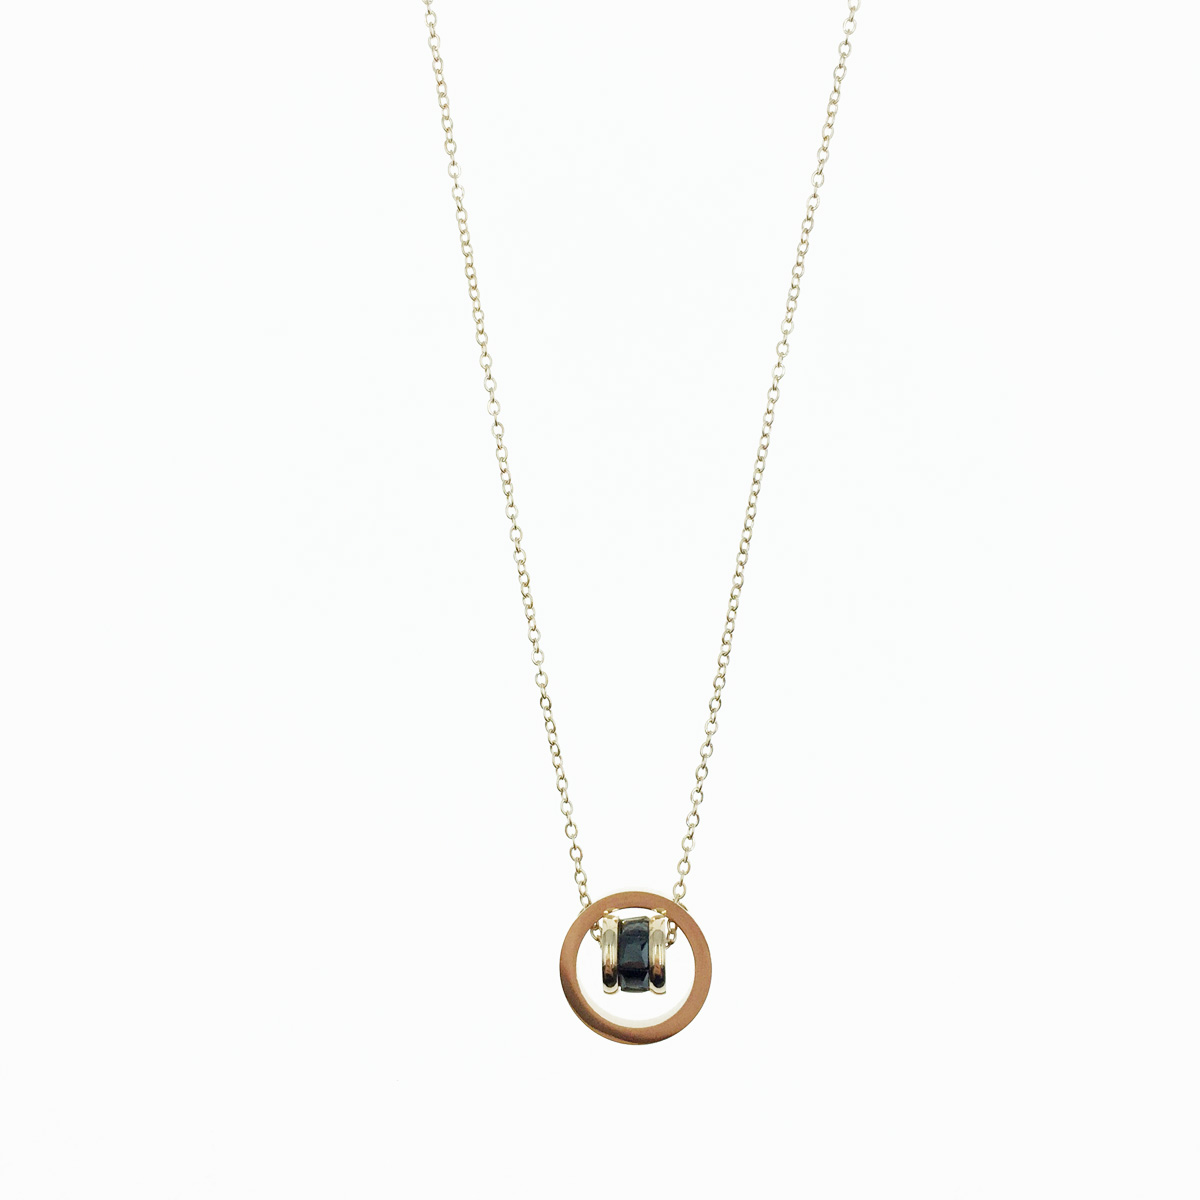 韓國 不鏽鋼 簍空圓 轉動滾輪 玫瑰金 單墜 項鍊